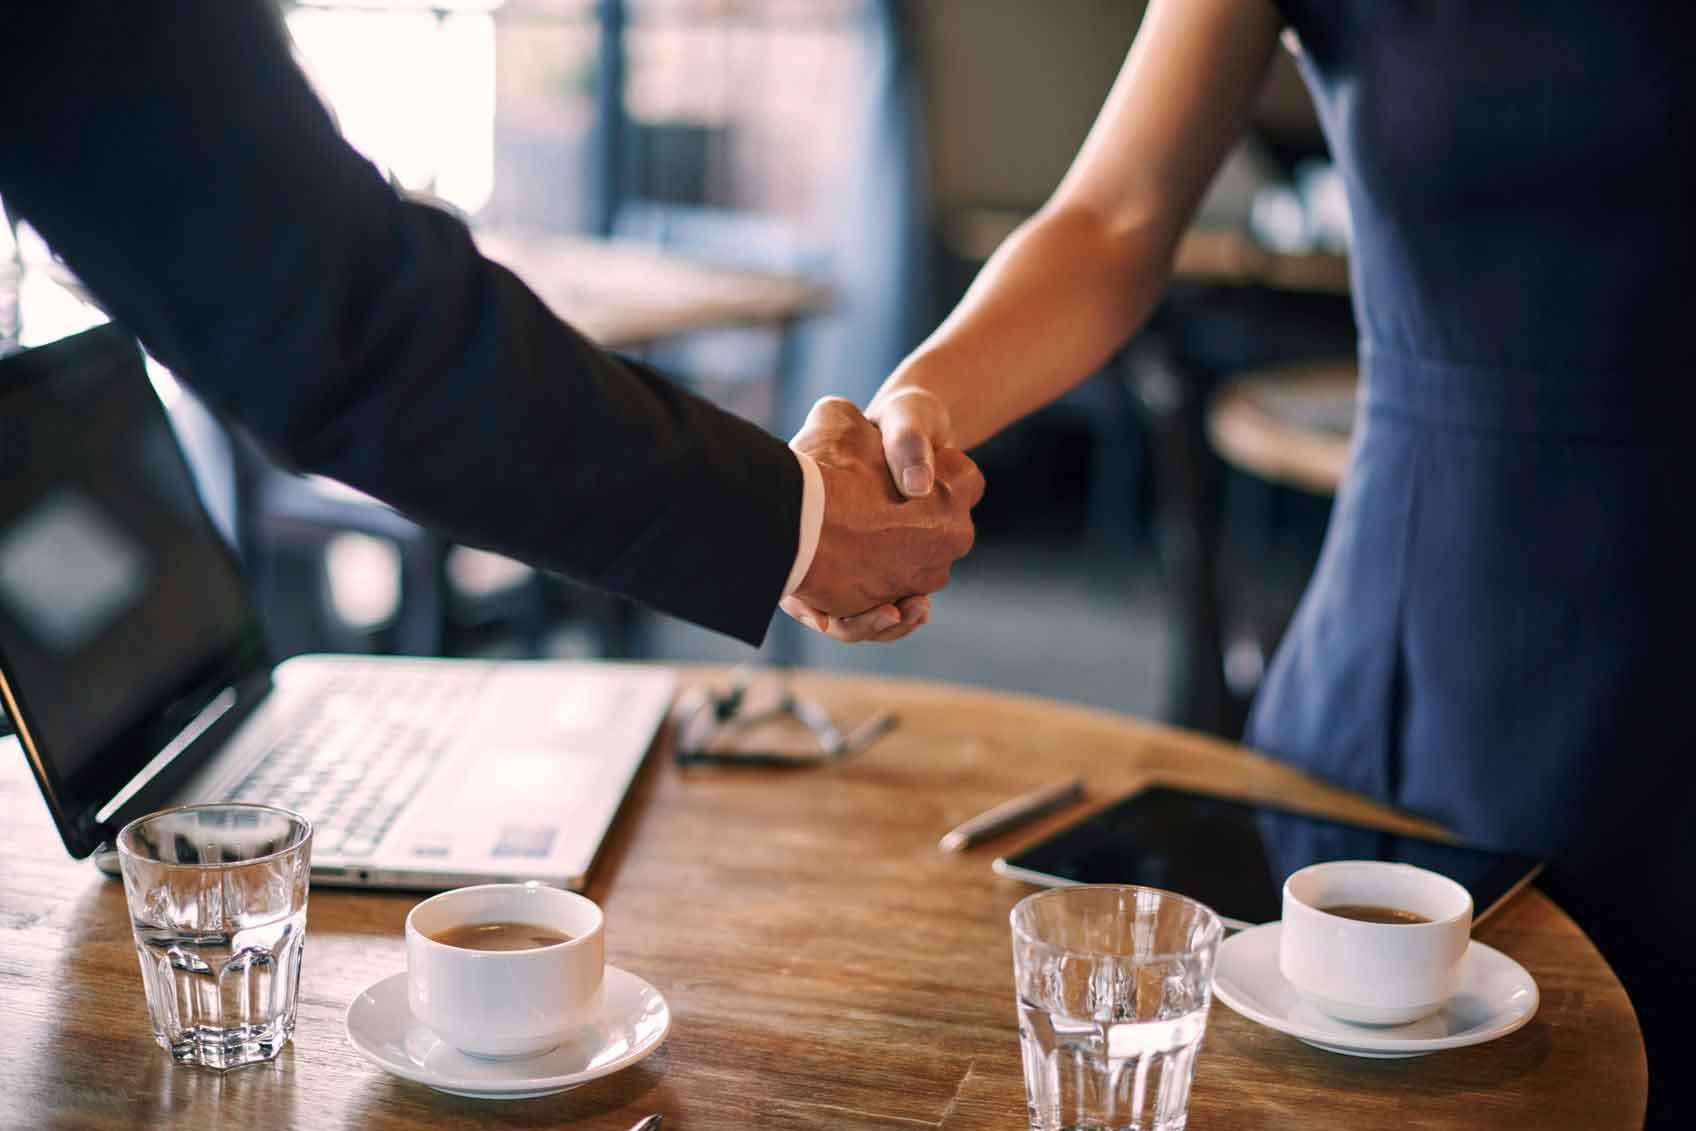 Вебинар: Юридические вопросы организации бизнеса